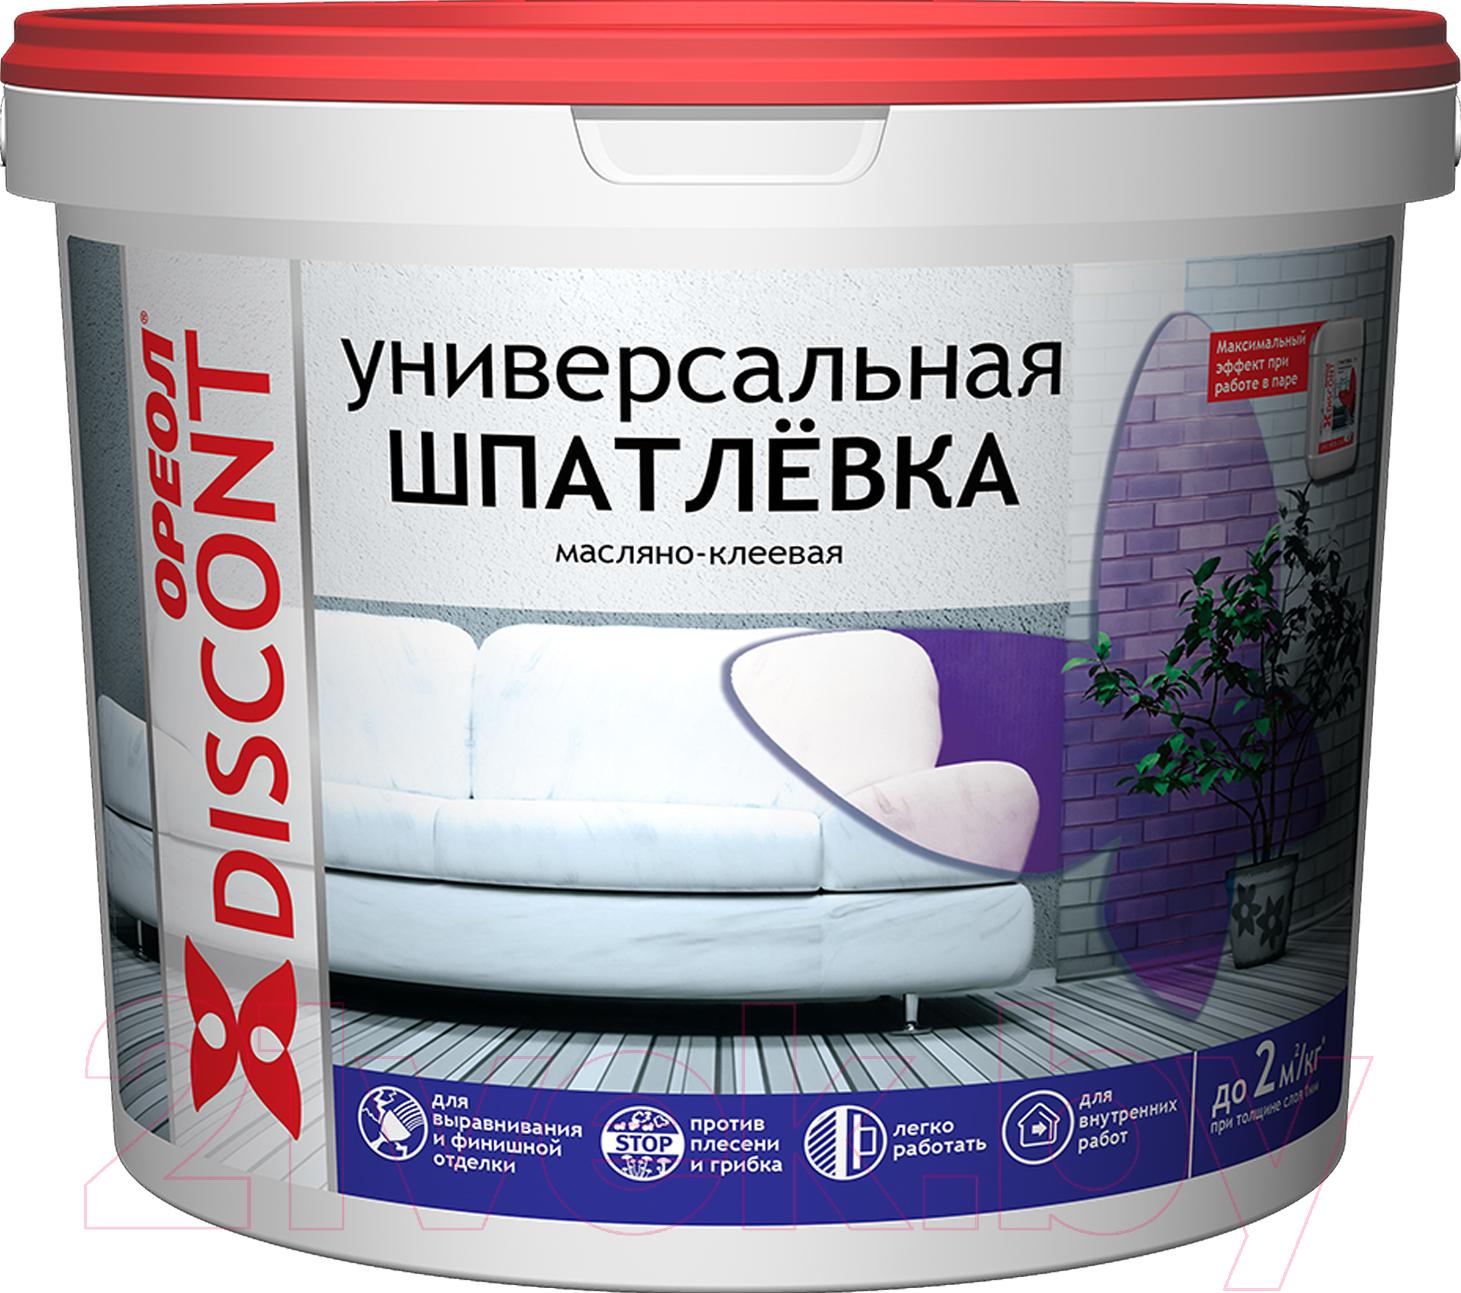 Купить Шпатлевка Ореол, Дисконт универсальная масляно-клеевая (8кг), Россия